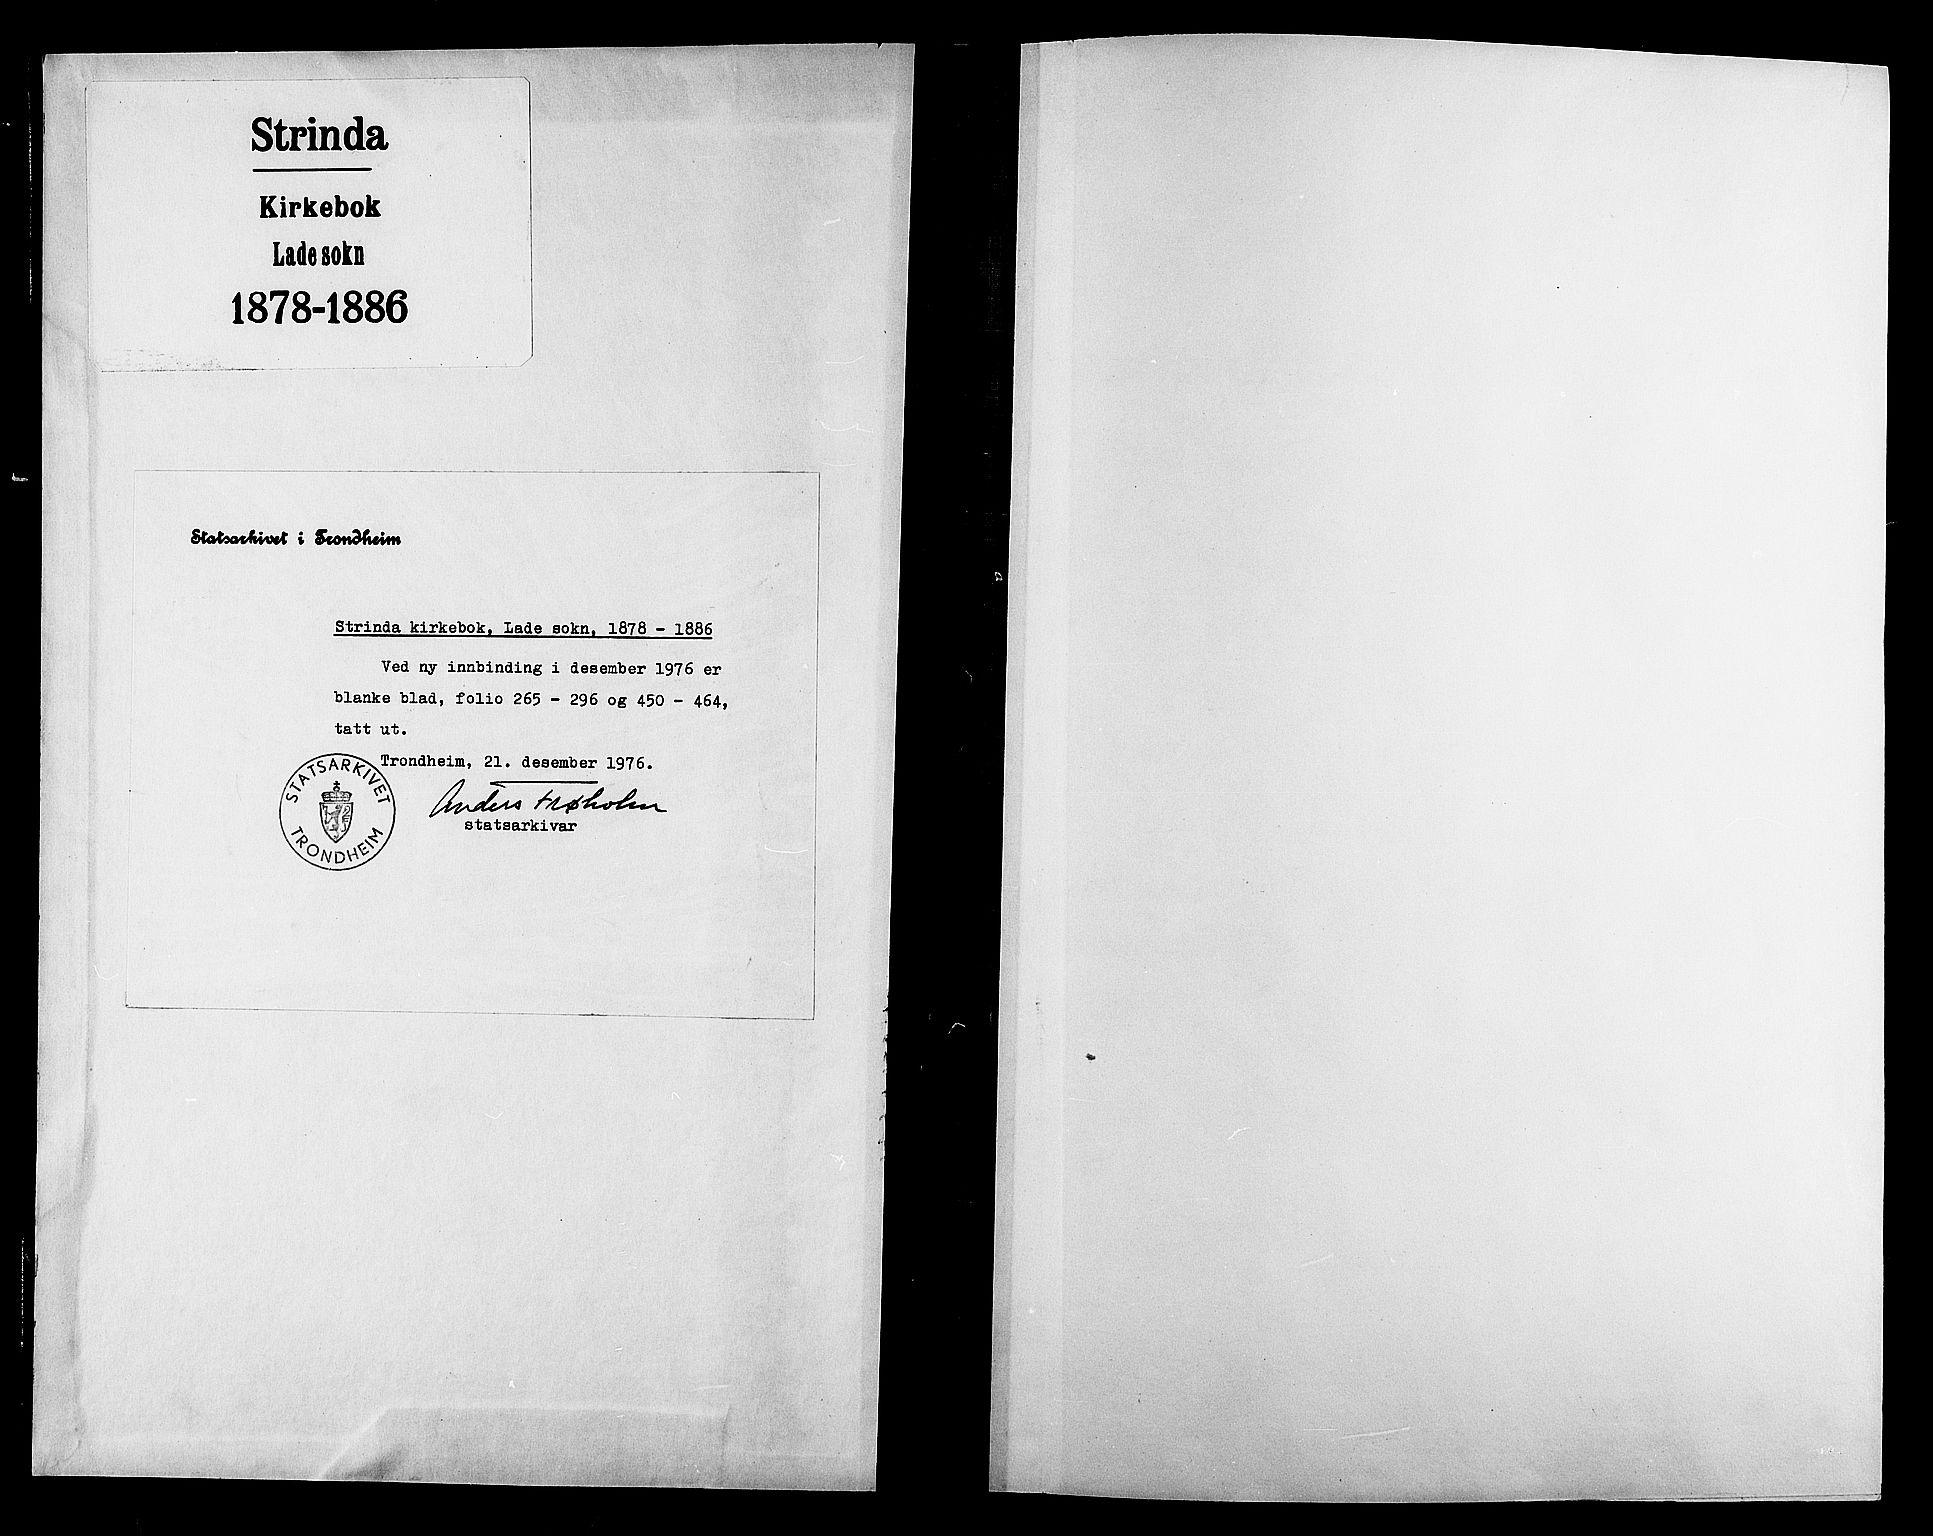 SAT, Ministerialprotokoller, klokkerbøker og fødselsregistre - Sør-Trøndelag, 606/L0294: Ministerialbok nr. 606A09, 1878-1886